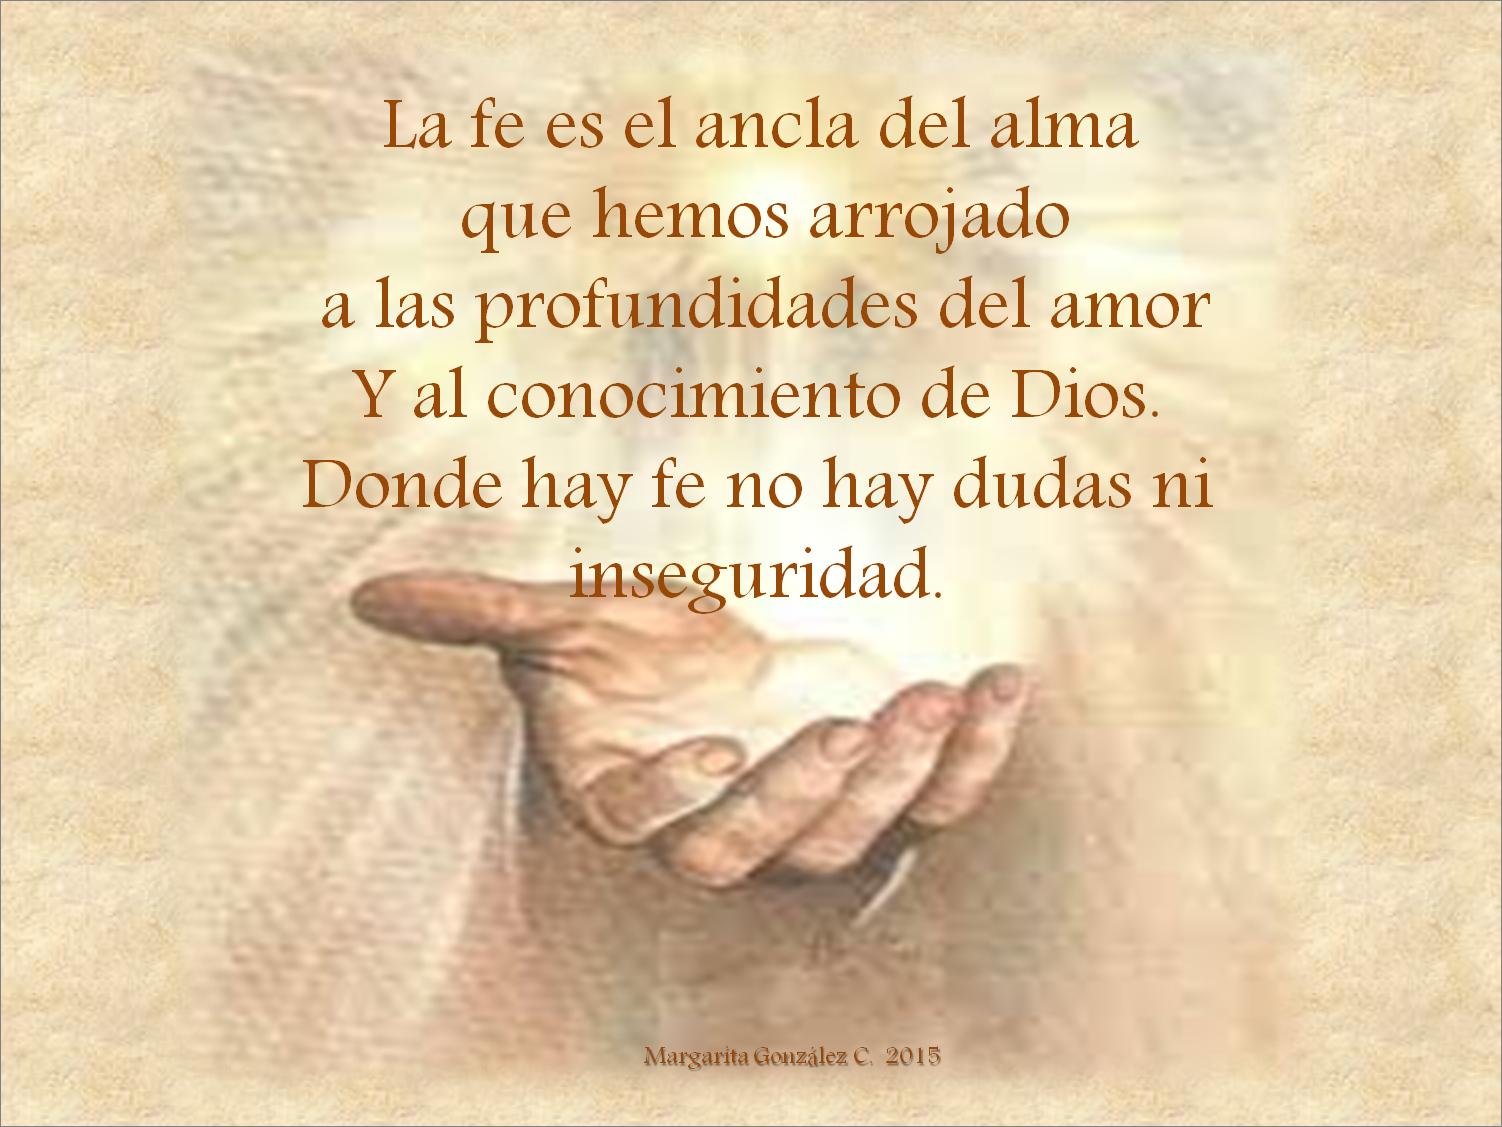 La fe es el ancla del alma en el amor de Dios